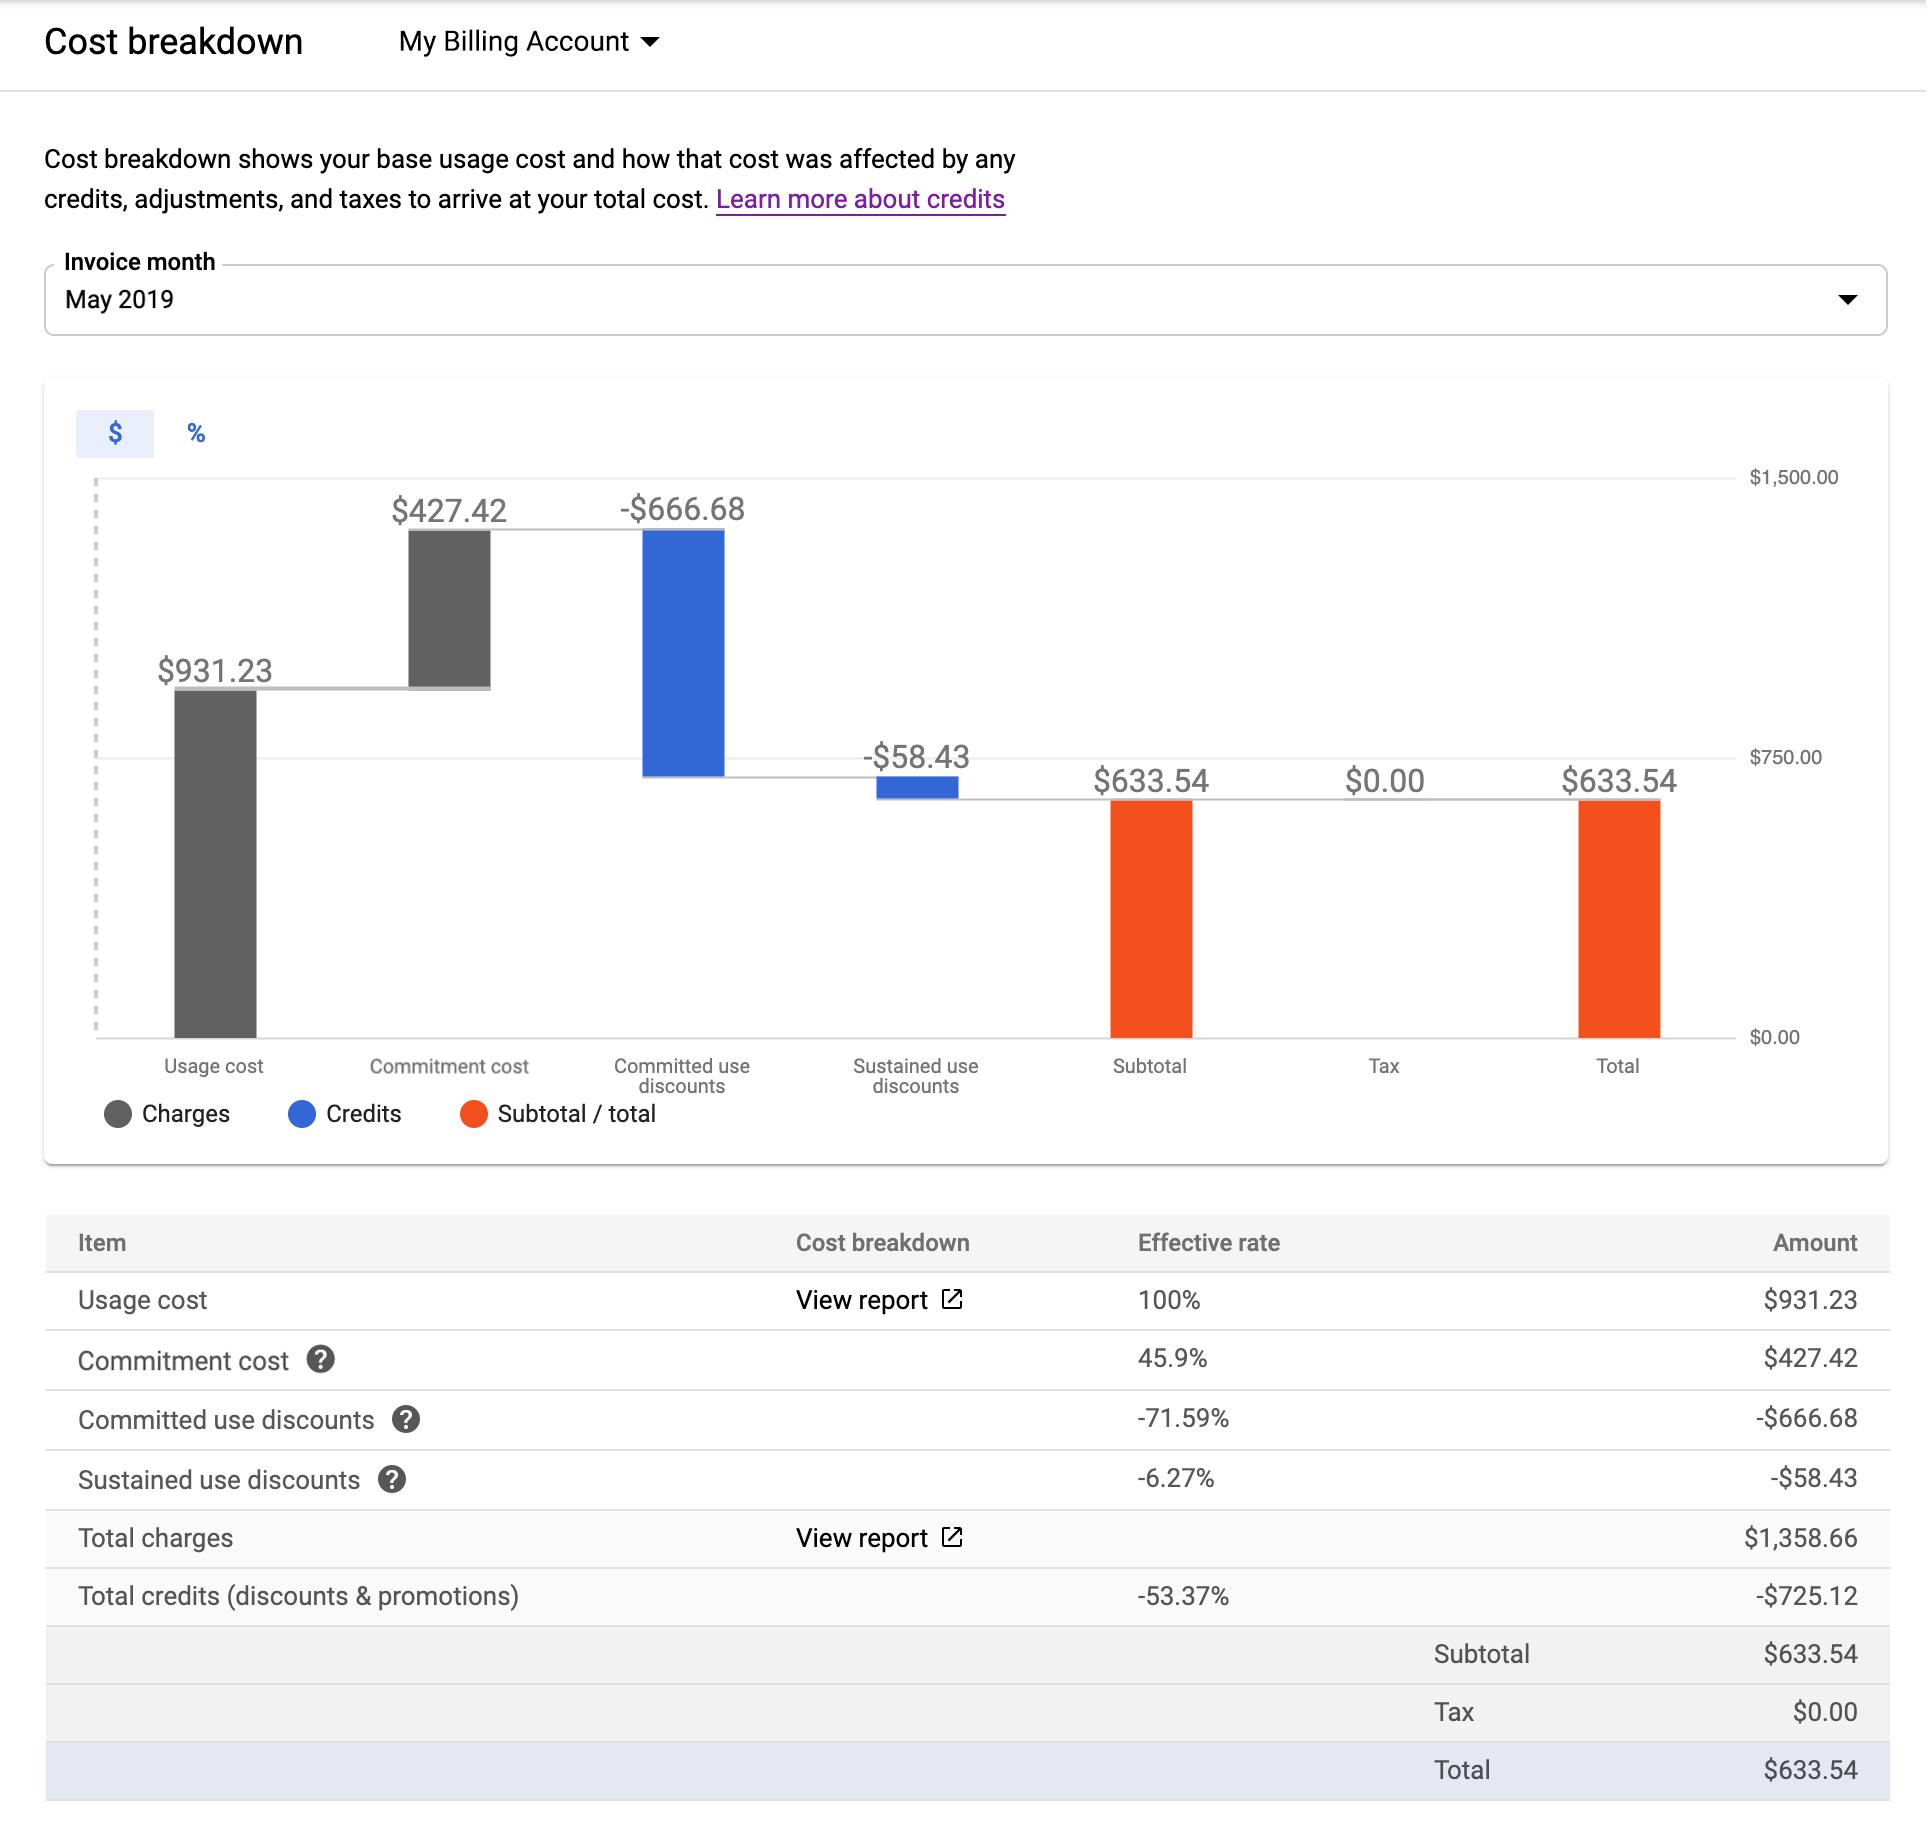 费用明细报告的示例,显示了基准使用费,以及所有赠金、调整项和税费所产生的影响。它以图表格式和表格式显示了一个月的费用明细。